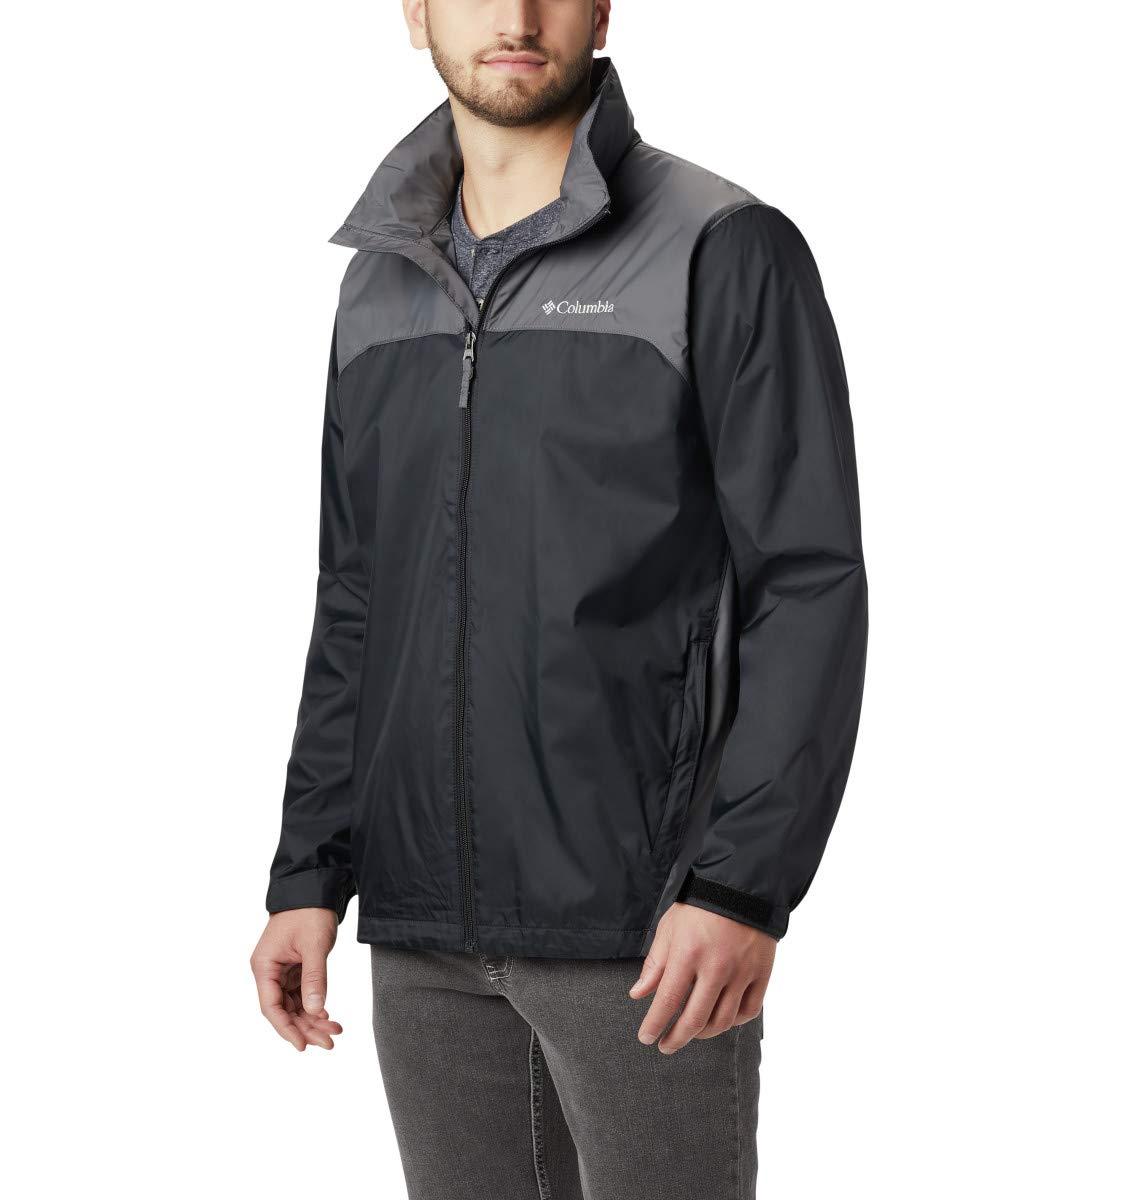 コロンビアの男性は、単純なパッケージRM2015350グリーンジャケットSに組み込むことができる